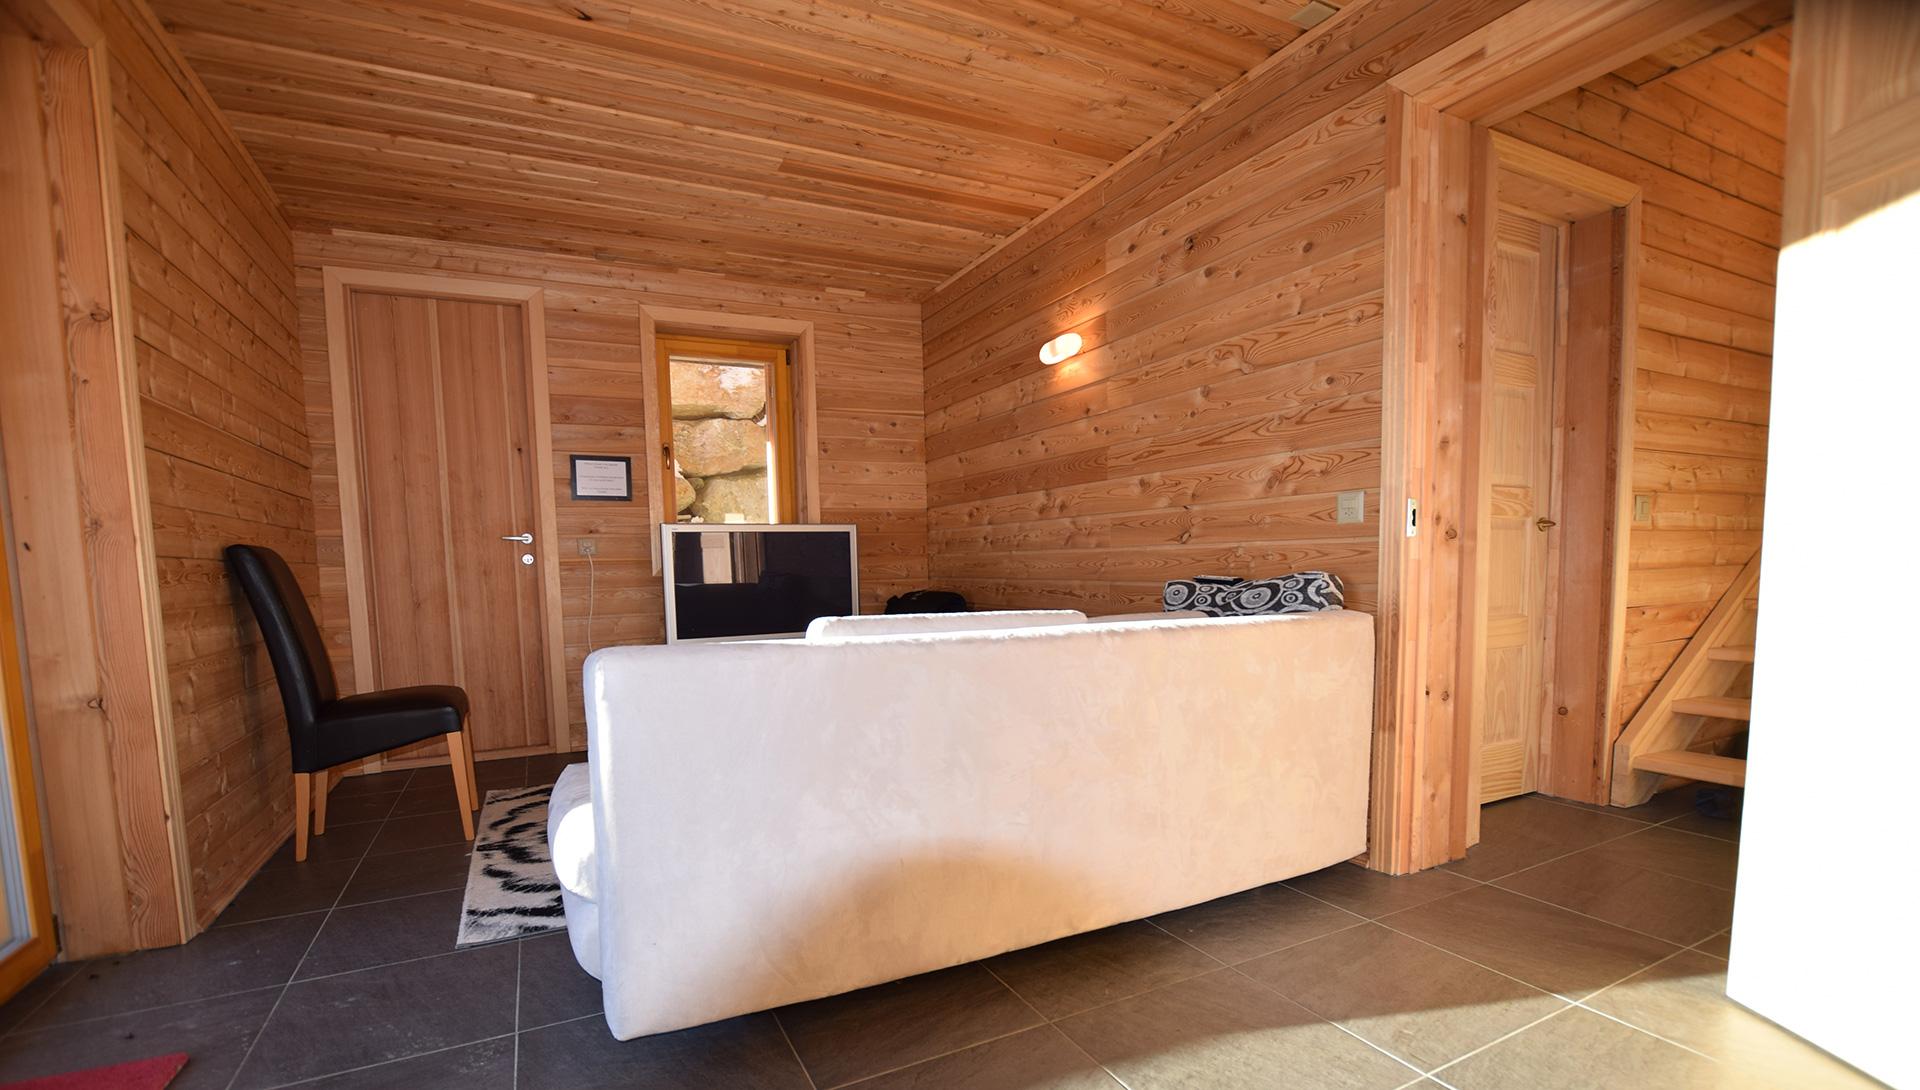 Chalet Haute Vallee Chalet, Switzerland